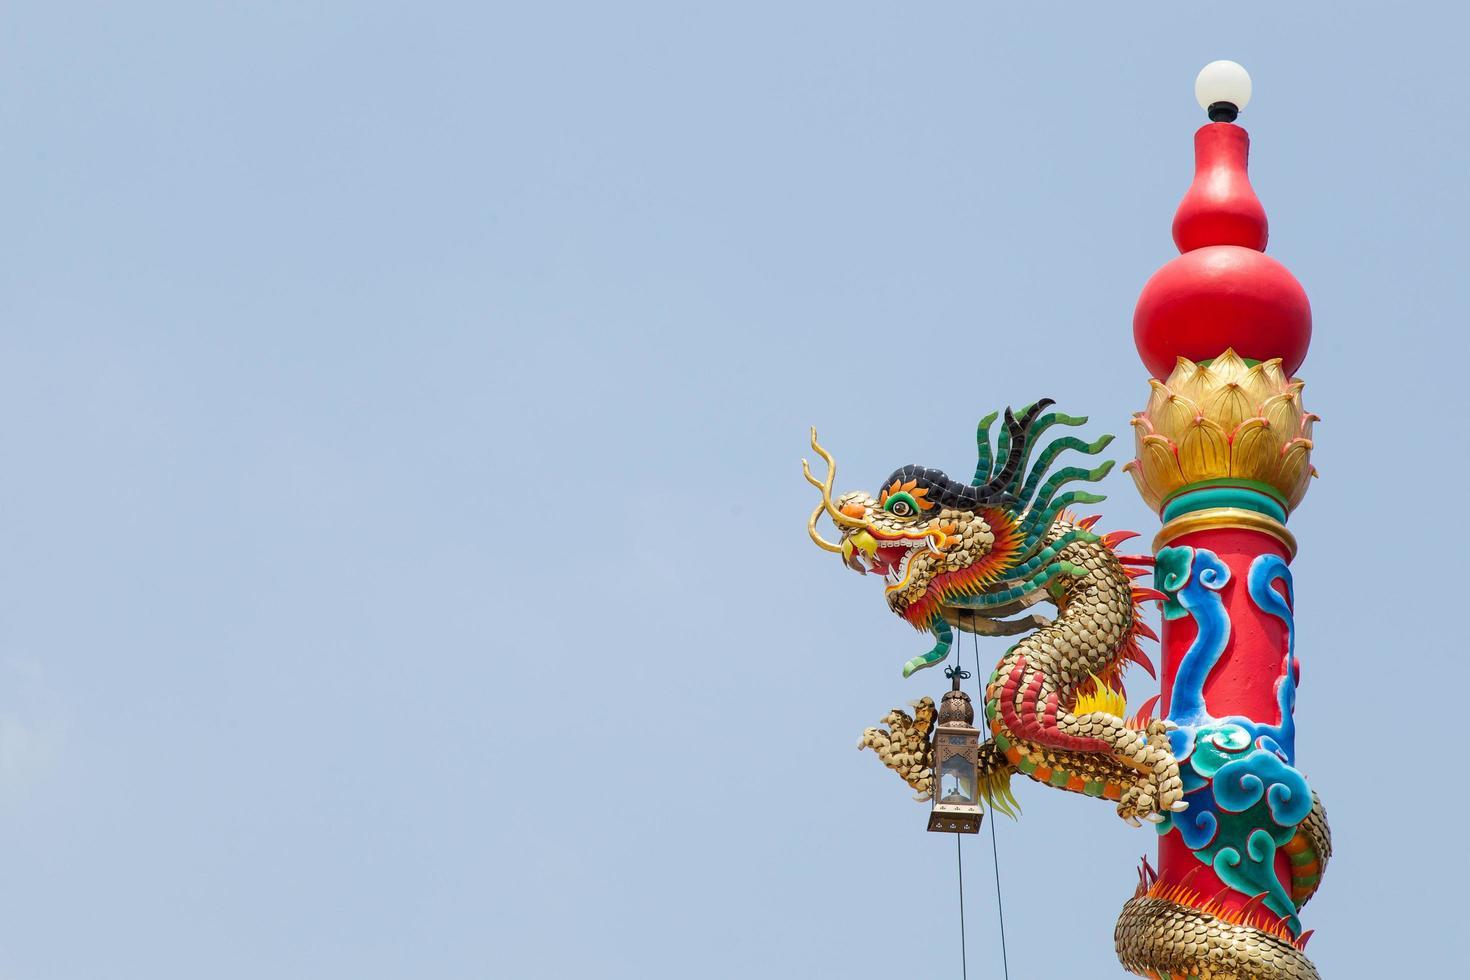 Säulenstatue eines Drachen in Thailand foto